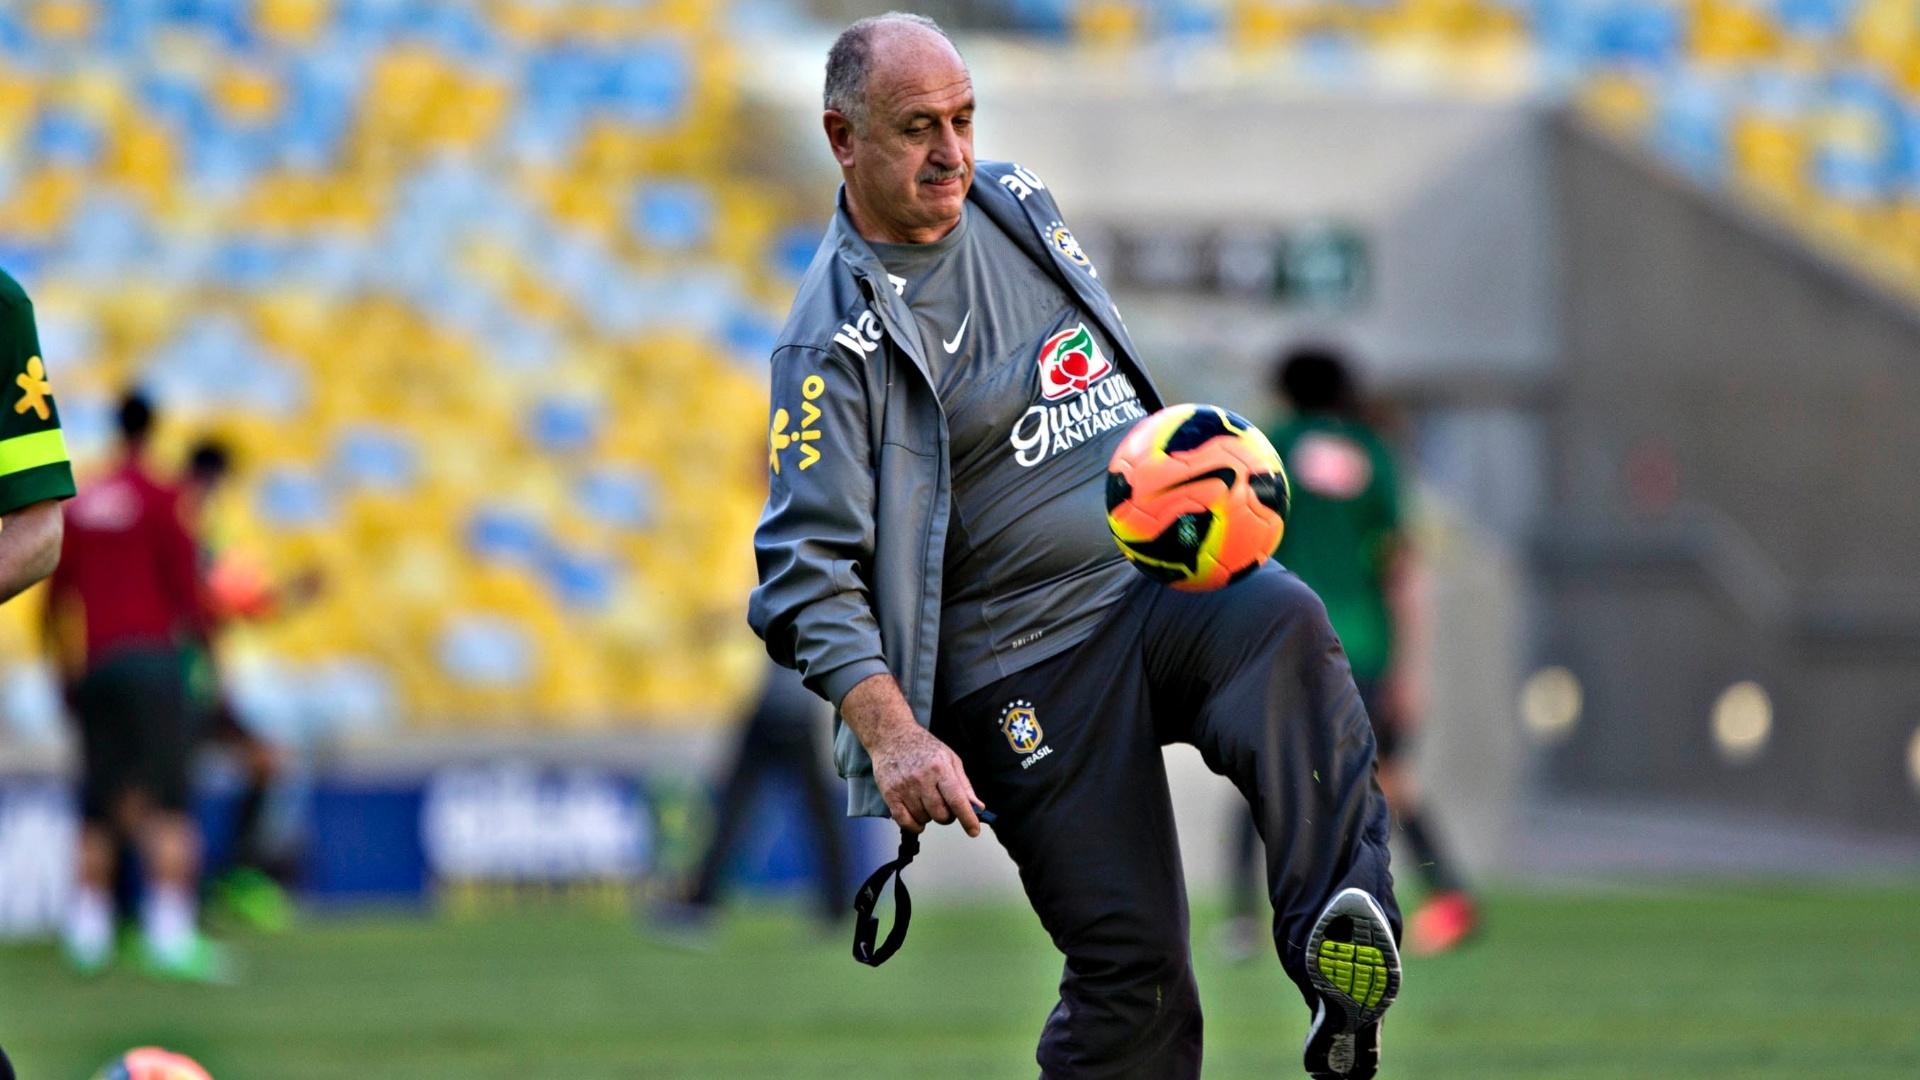 1º.jun.2013 - Felipão tenta dominar a bola durante o treino da seleção brasileira no Maracanã para o amistoso contra a Inglaterra